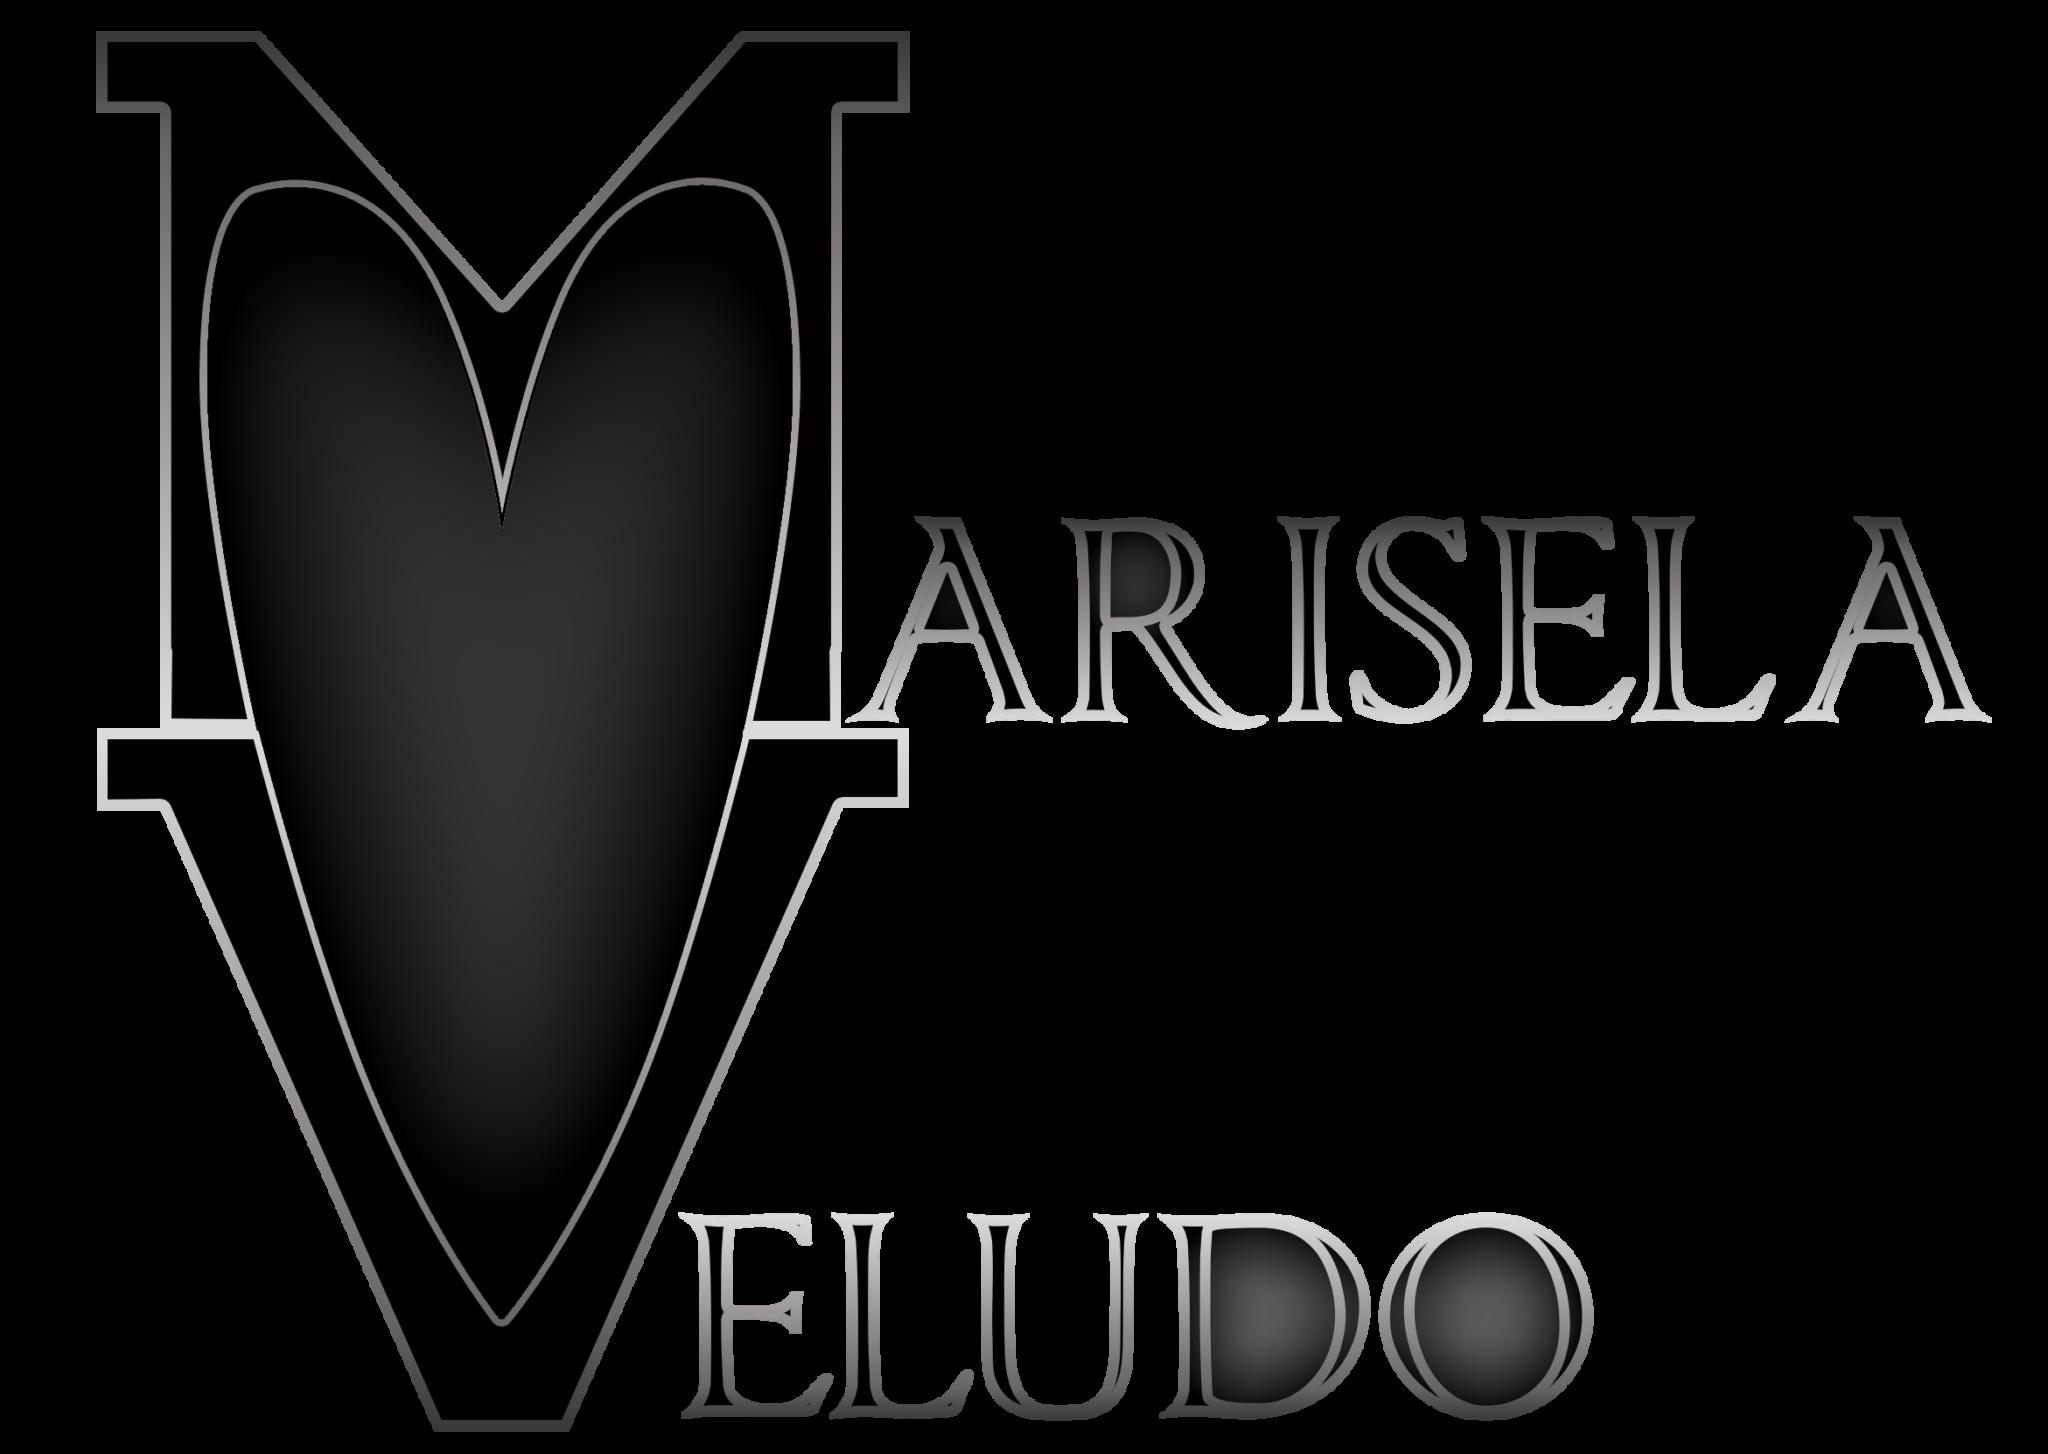 Marisela Veludo